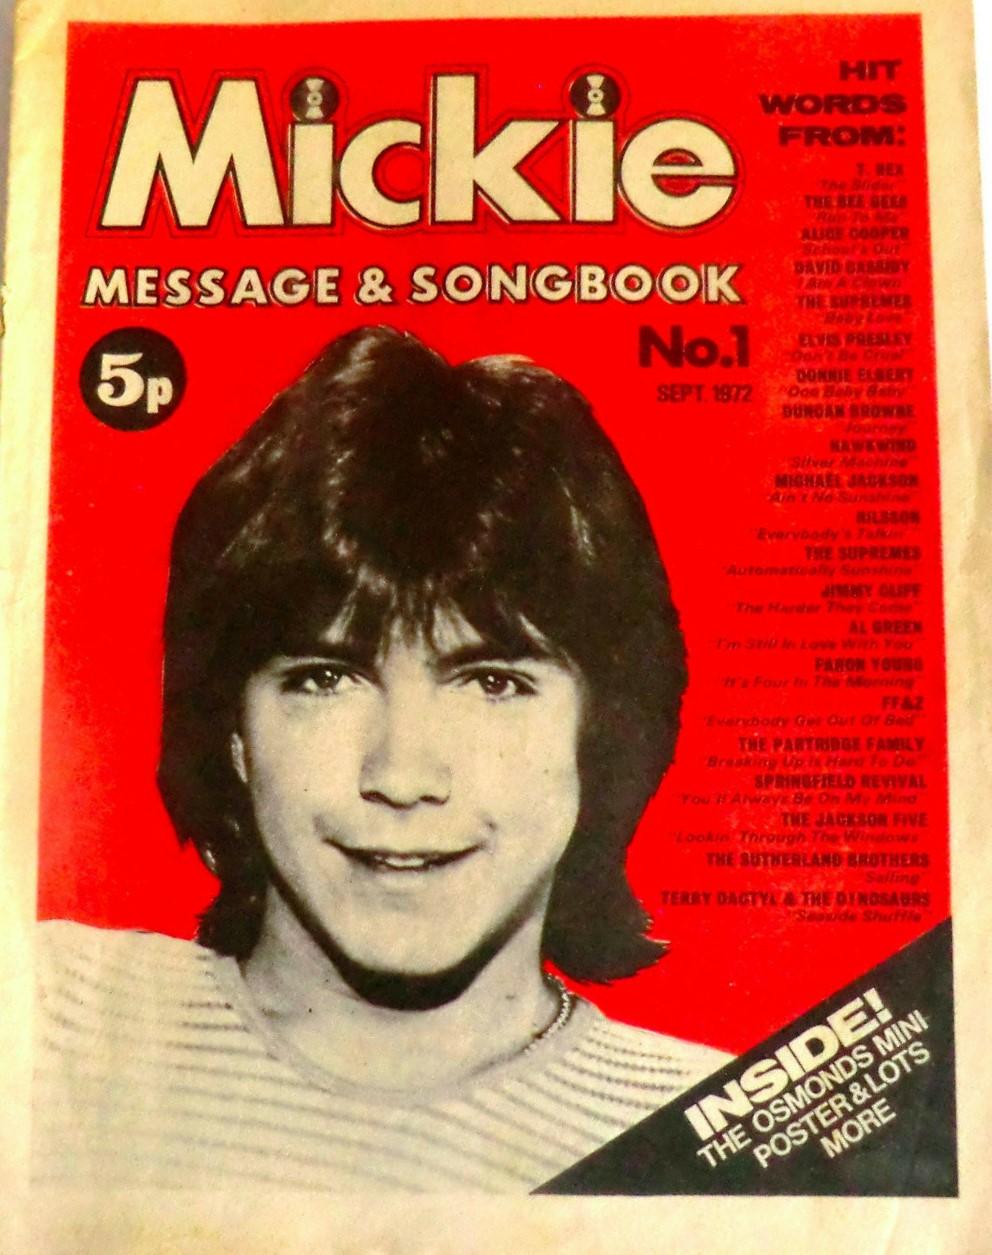 Mickie Songbook - 09.72